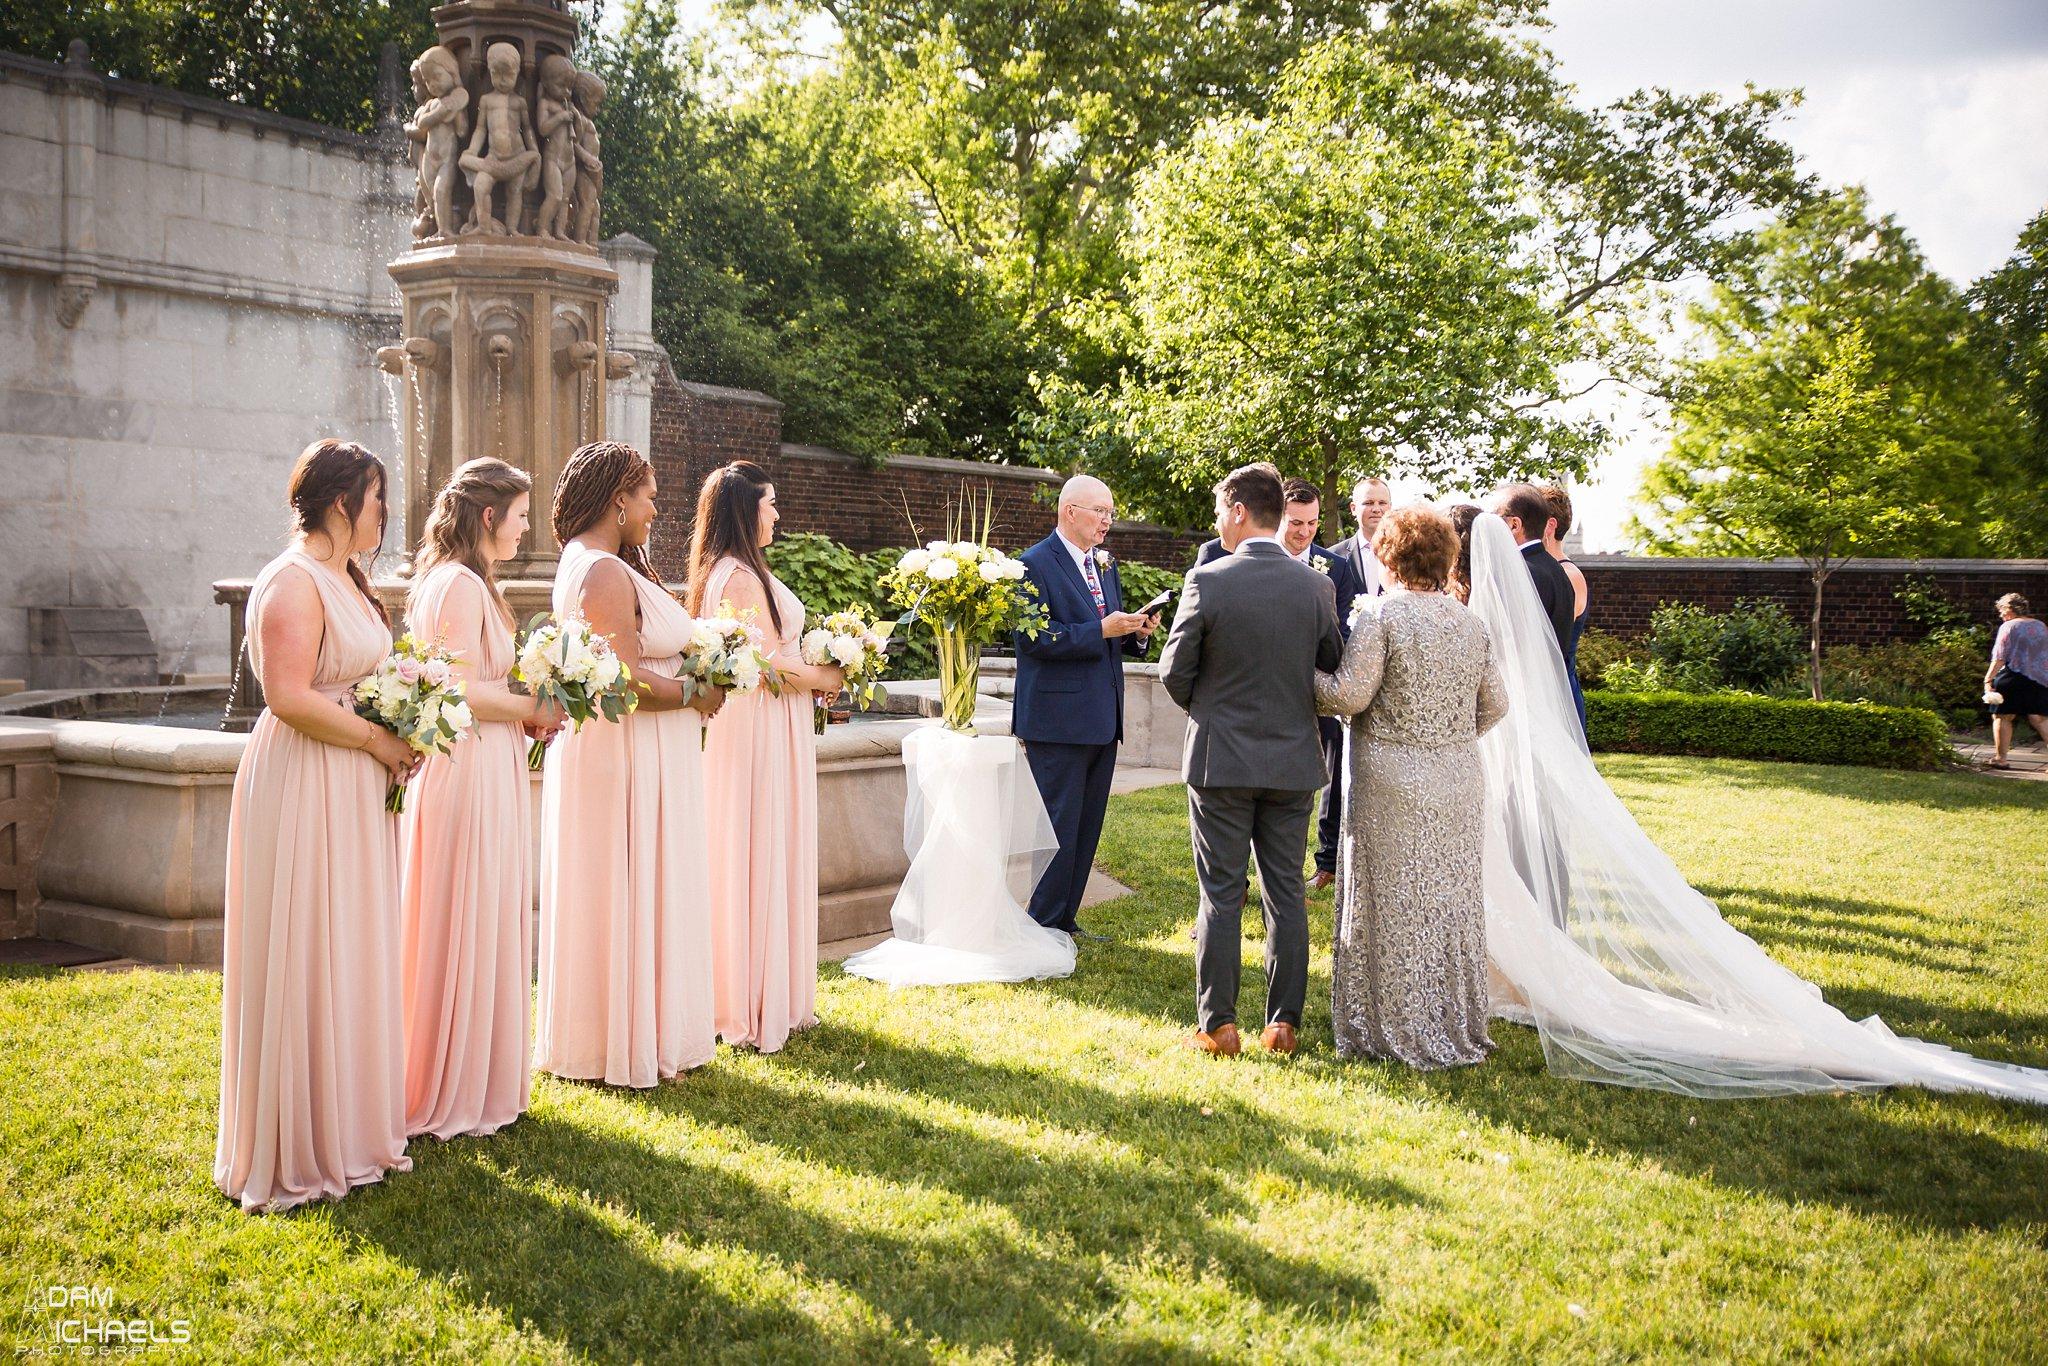 Mellon Park Walled Garden Spring Wedding-34.jpg